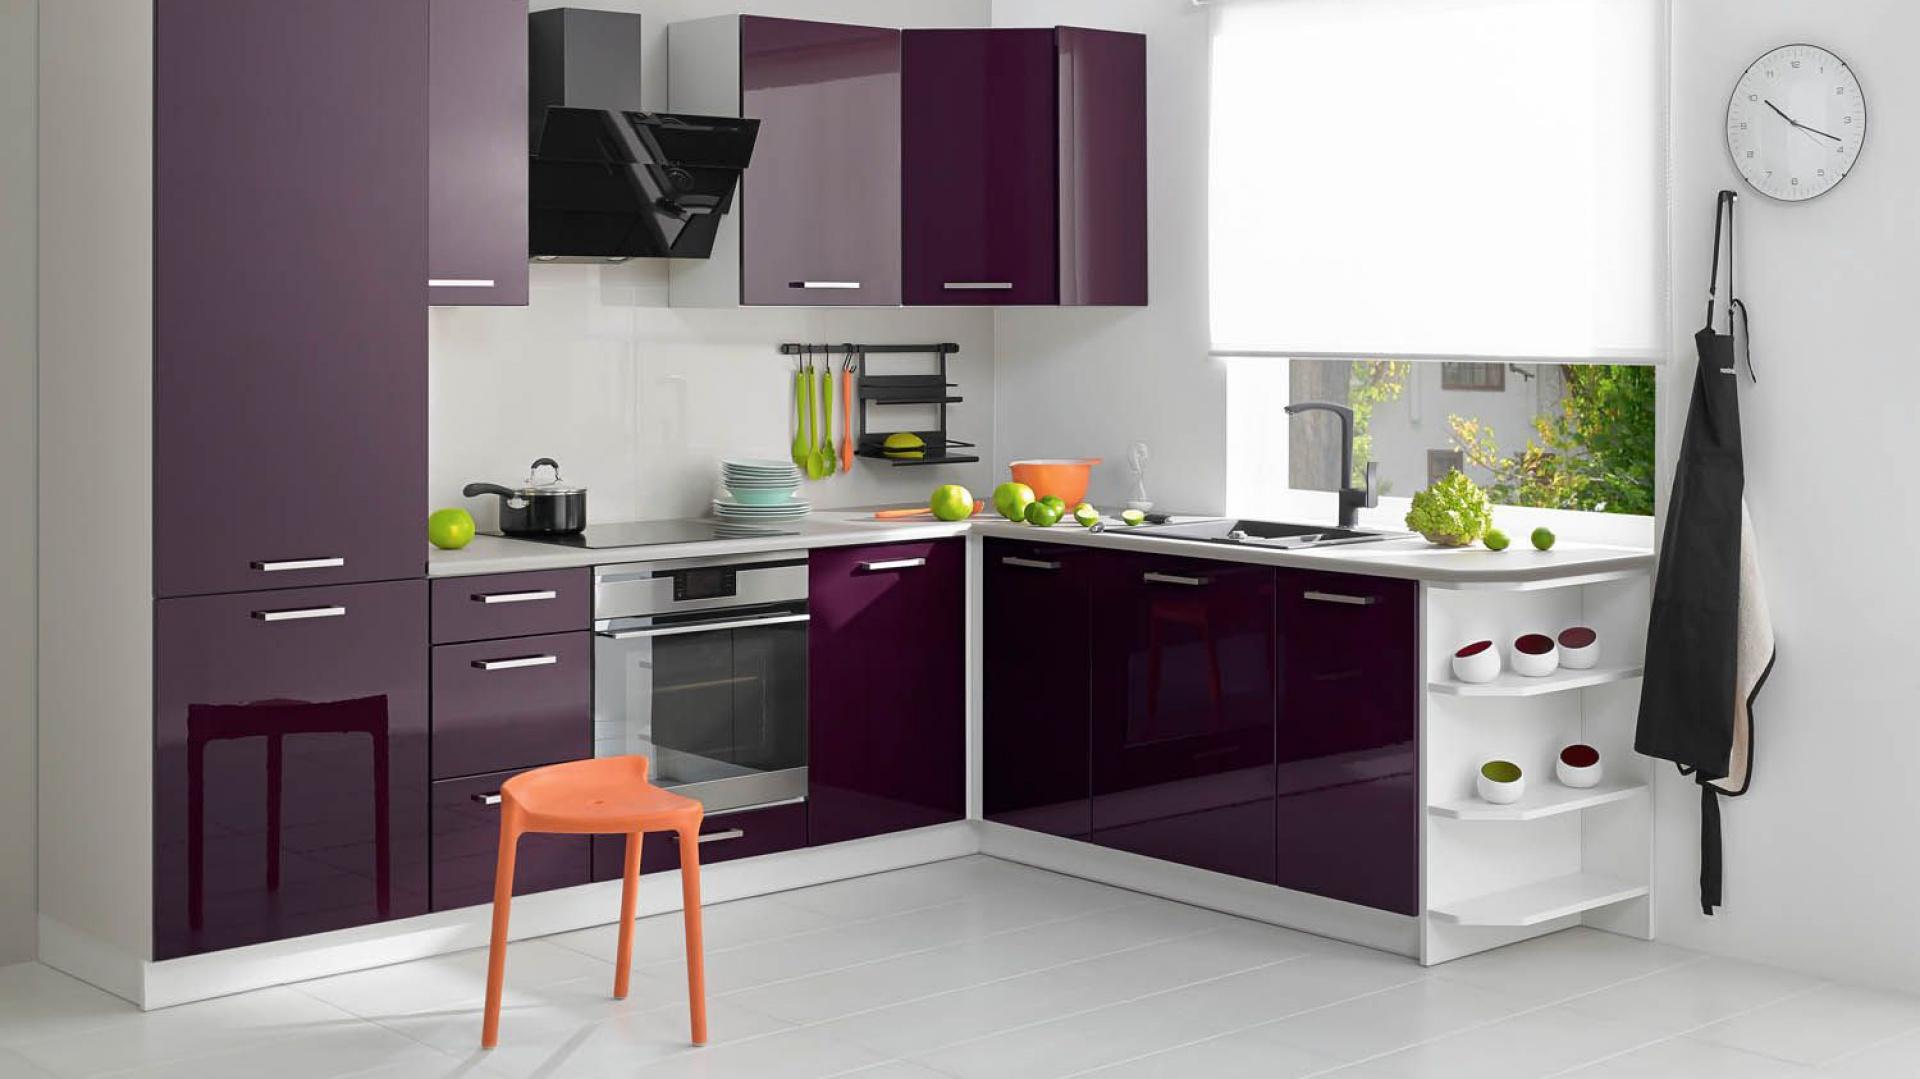 Lakier w kolorze głębokiego Kuchnia na wysoki połysk 15 propozycji prod   -> Castorama Kuchnia Plytki